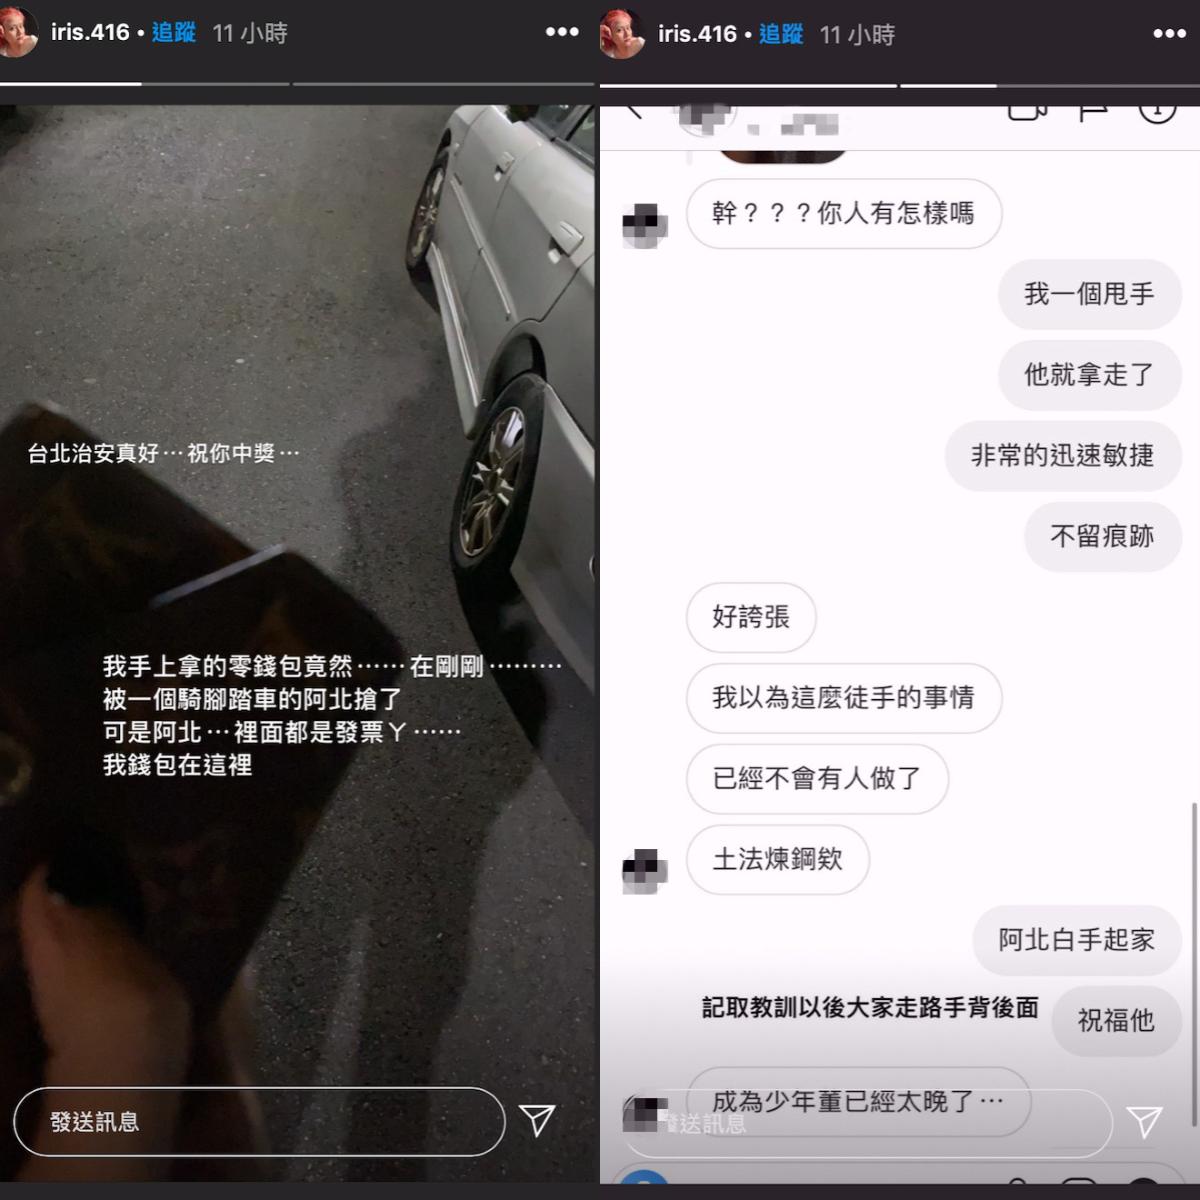 台北治安變差?蔡阿嘎堂妹街頭遇竊 曝小偷徒手搶劫「速迅敏捷」